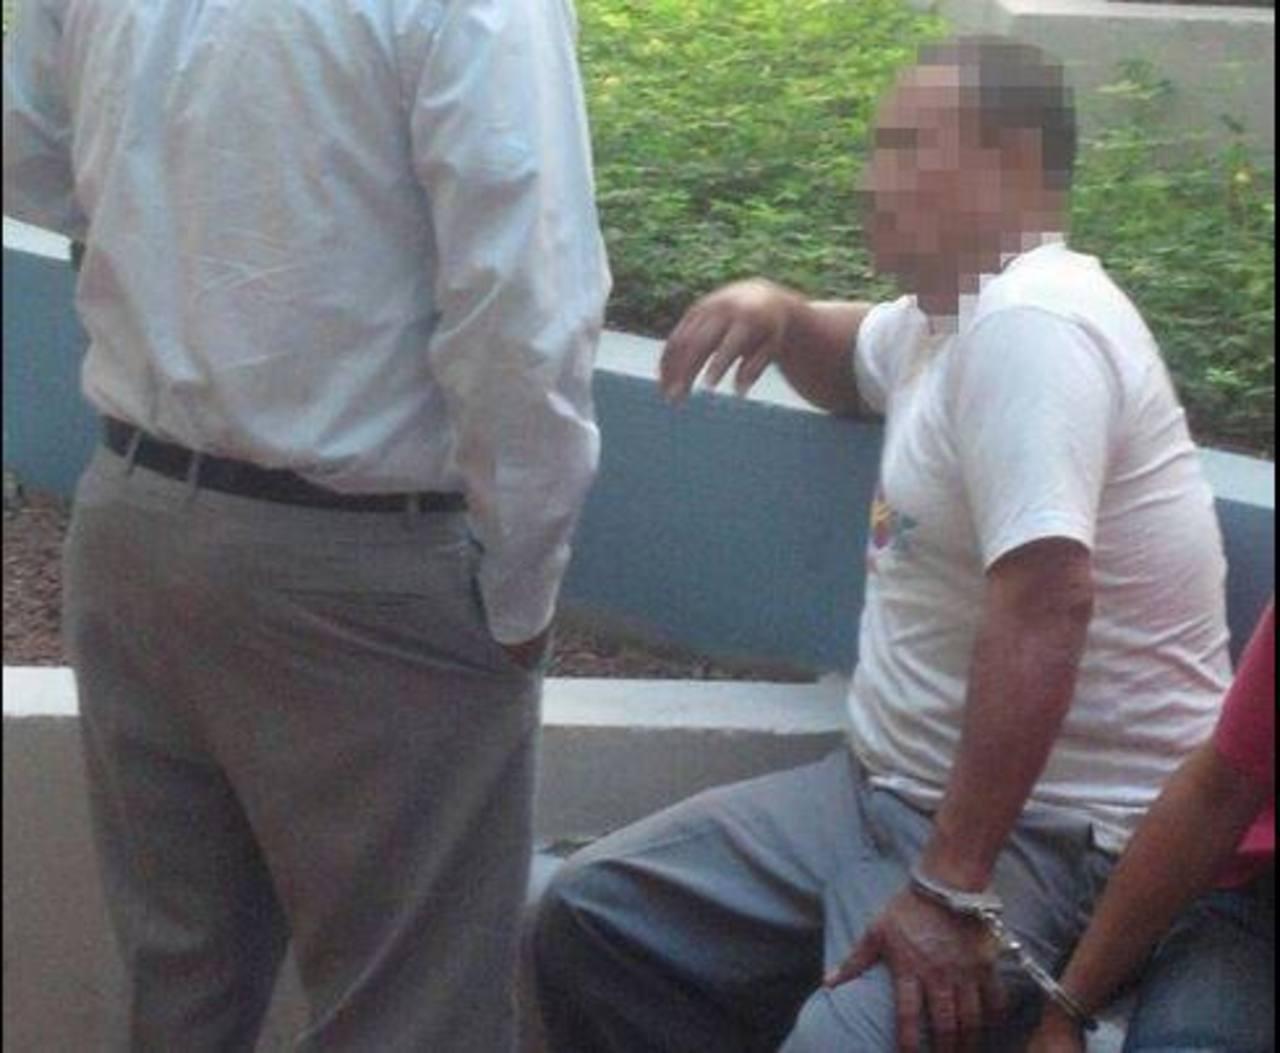 Presentan acusación contra vigilante que habría violado a compañero